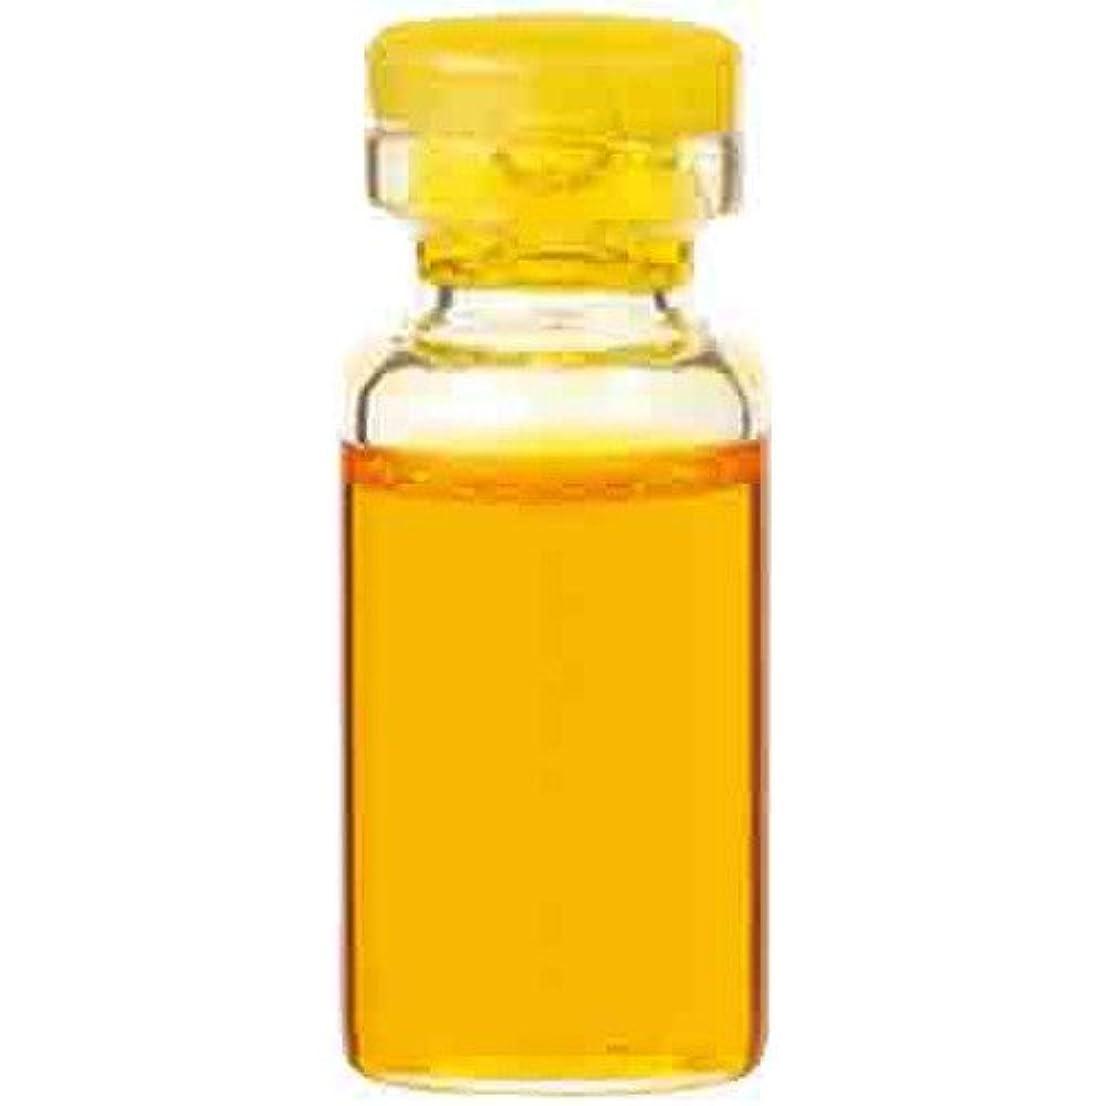 エンディング貧困ケント生活の木 Herbal Life Organic オレンジスイート 10ml